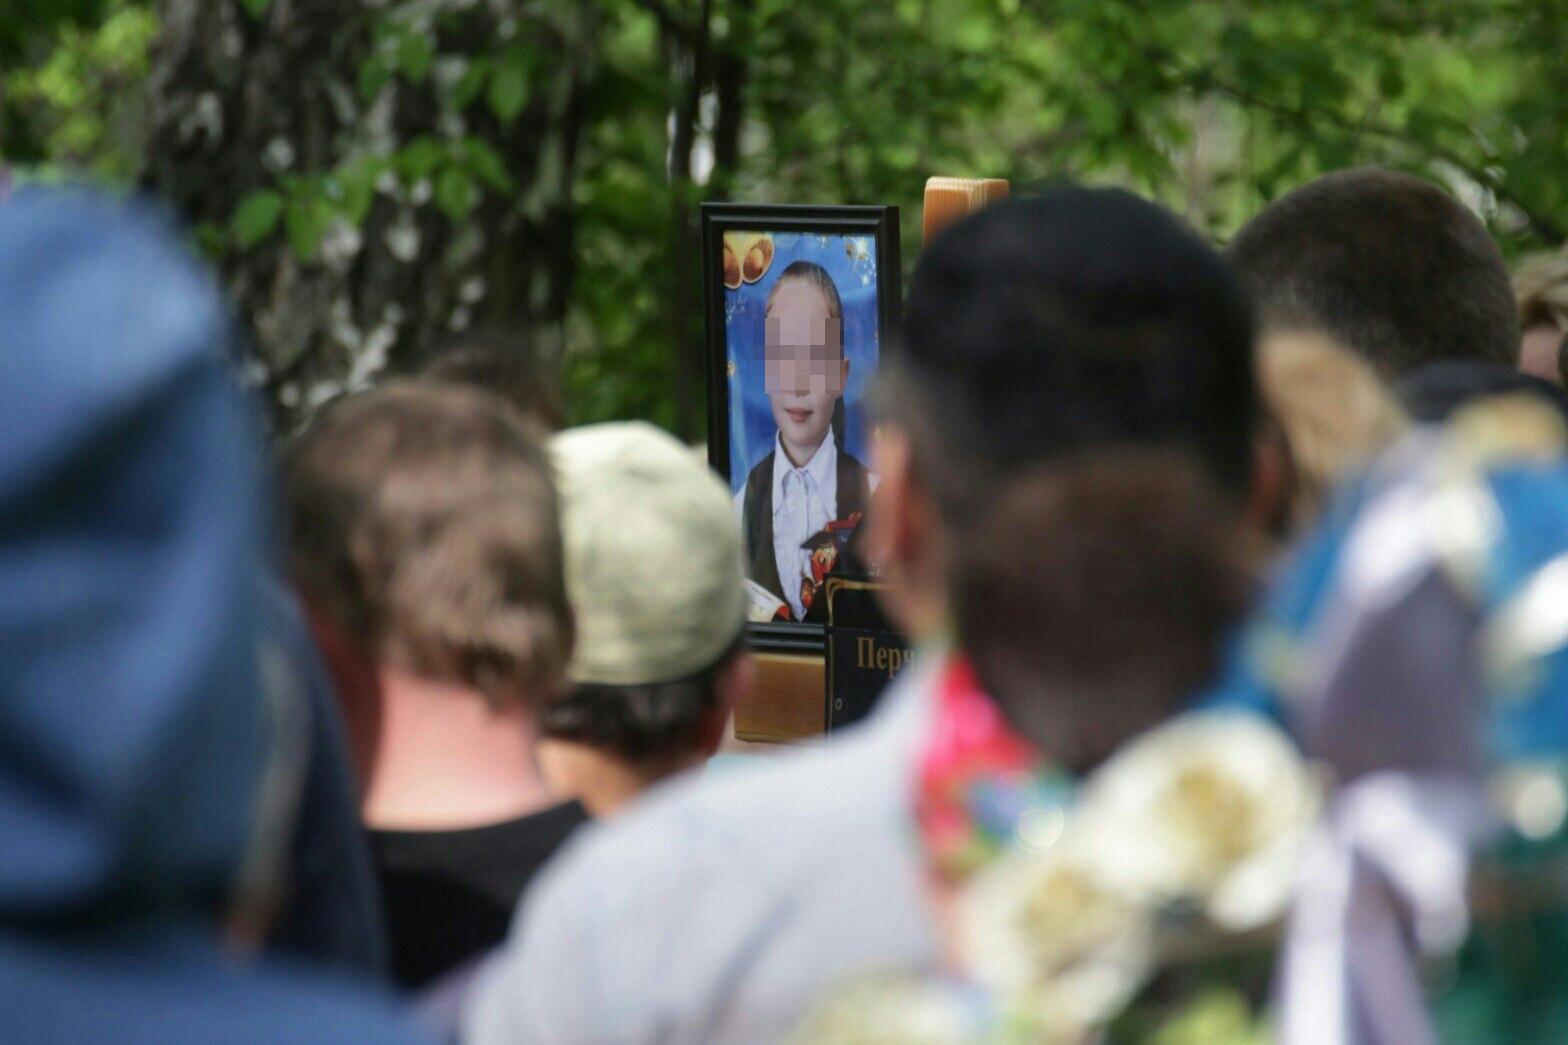 ВБелорецке арестован обвиняемый вубийстве 9-летней девушки